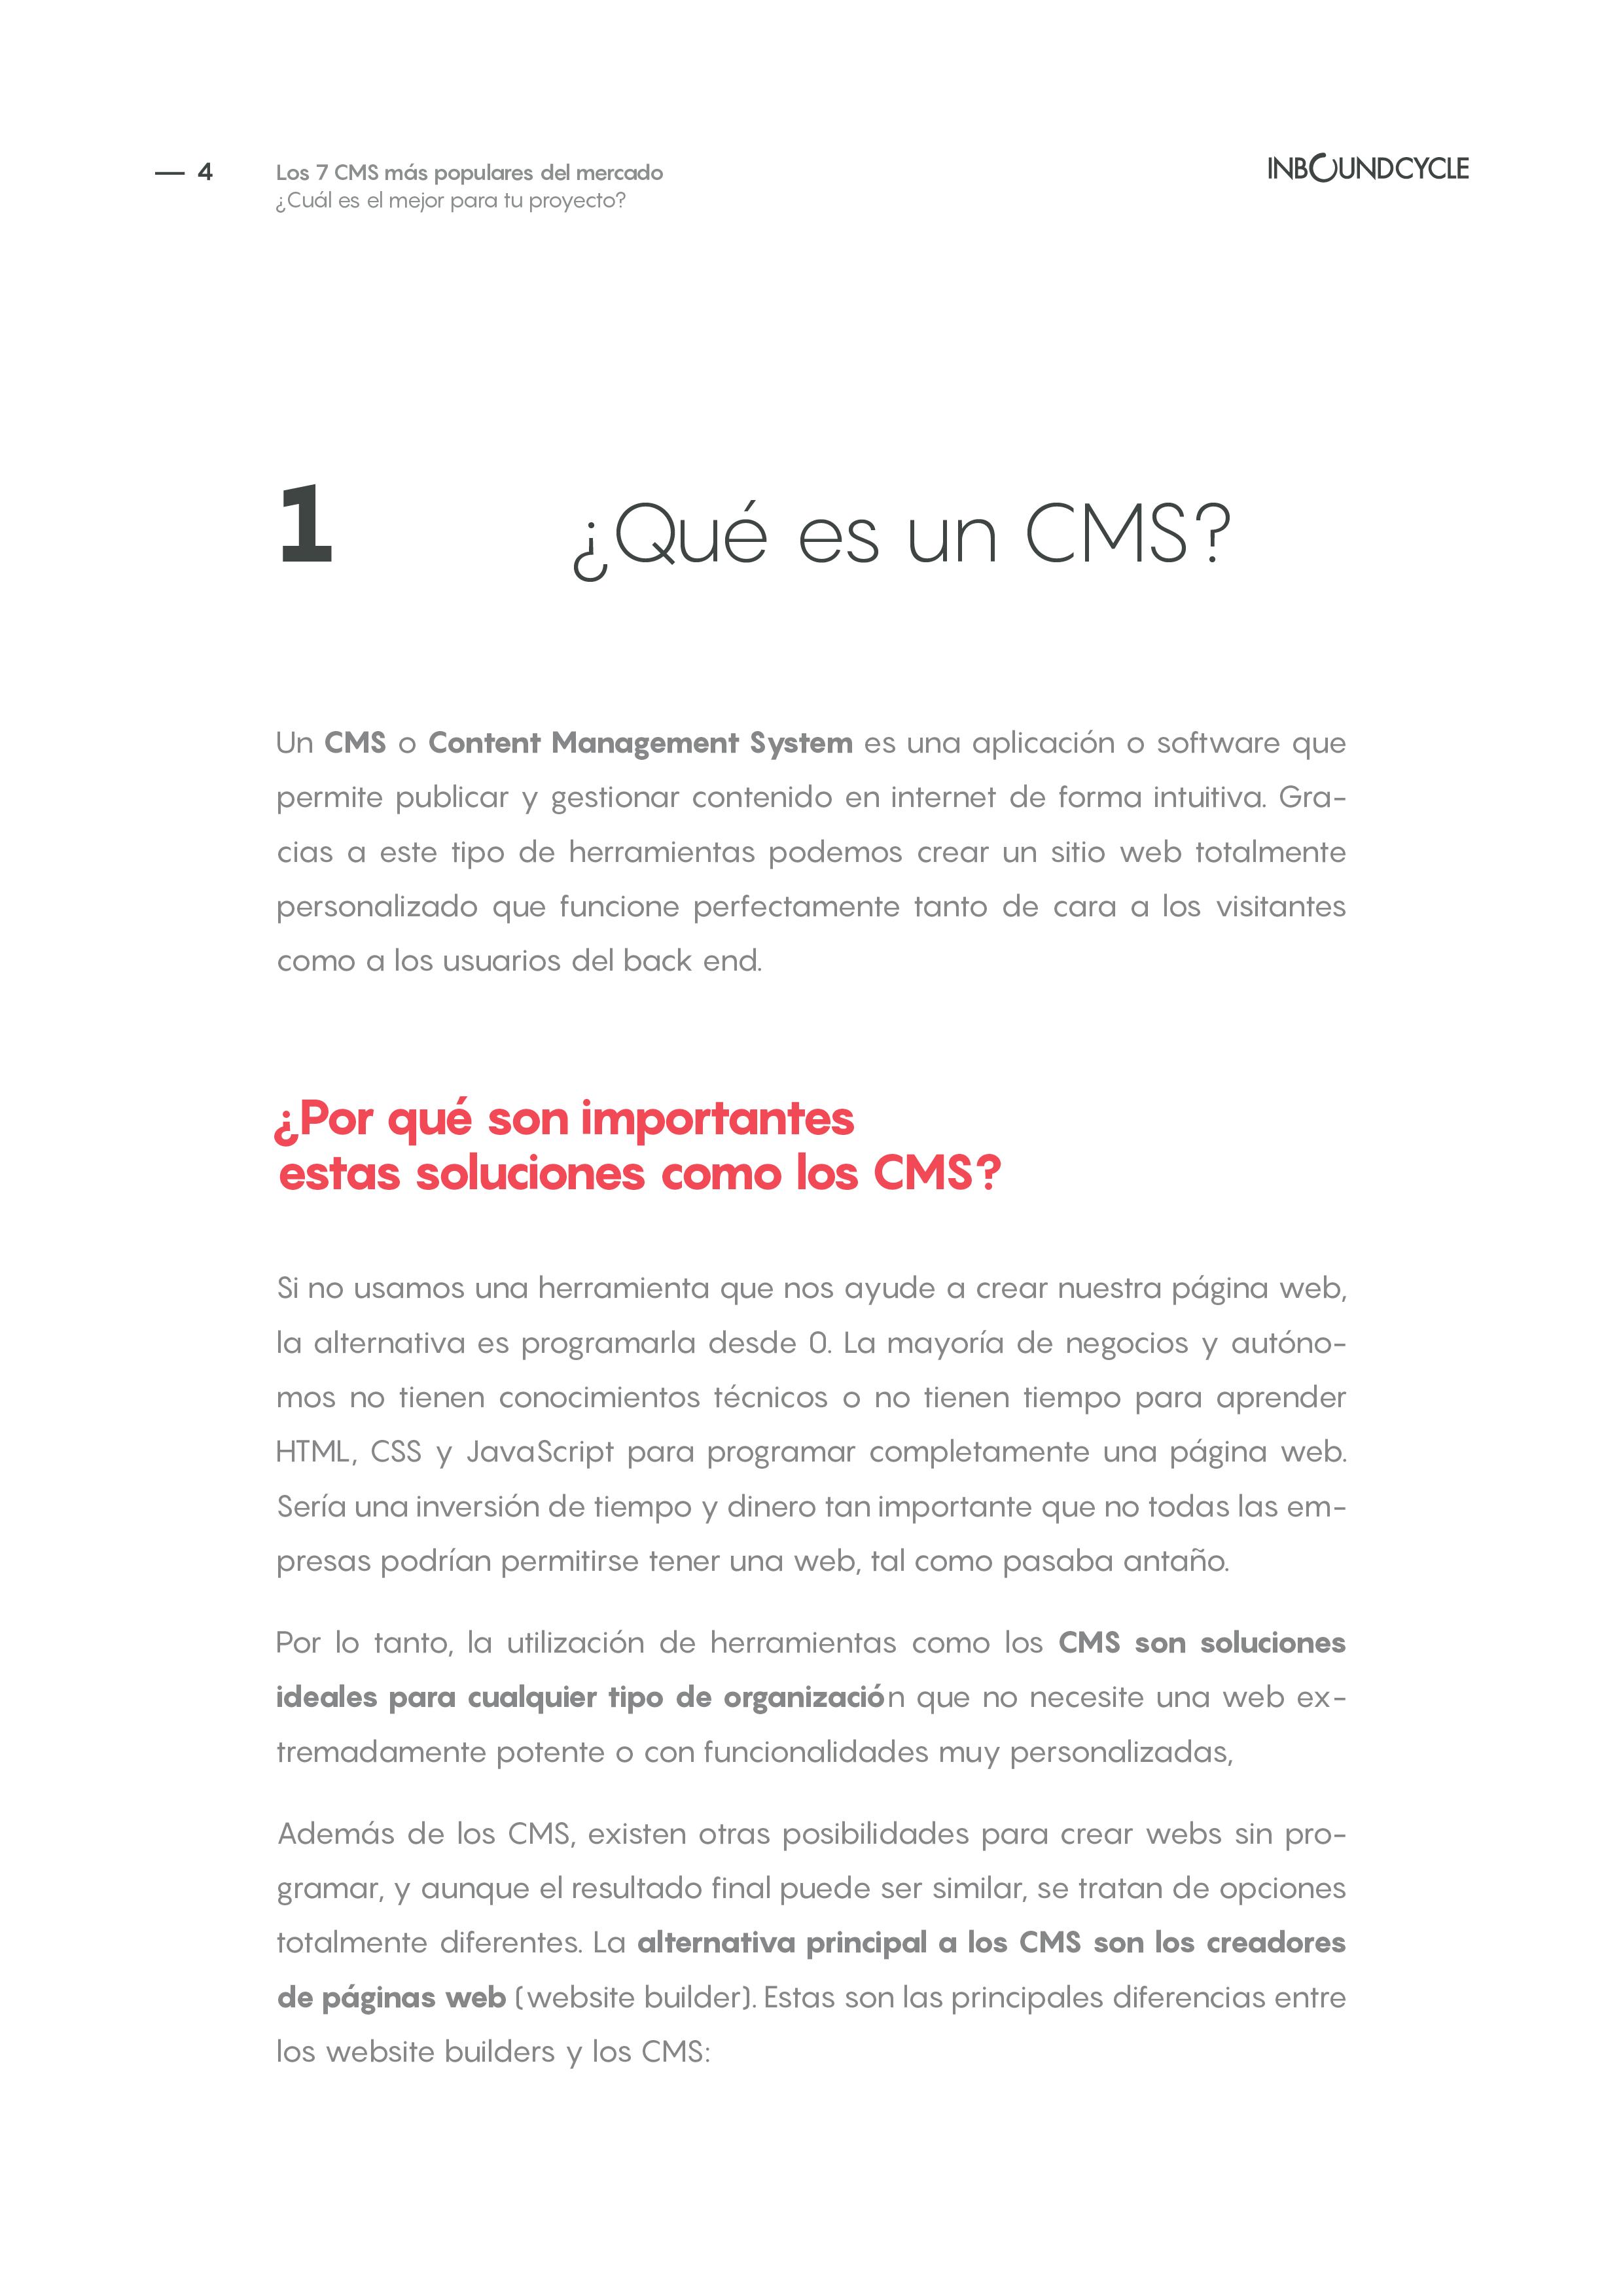 ICC - P4 - Los 7 CMS más populares del mercado4